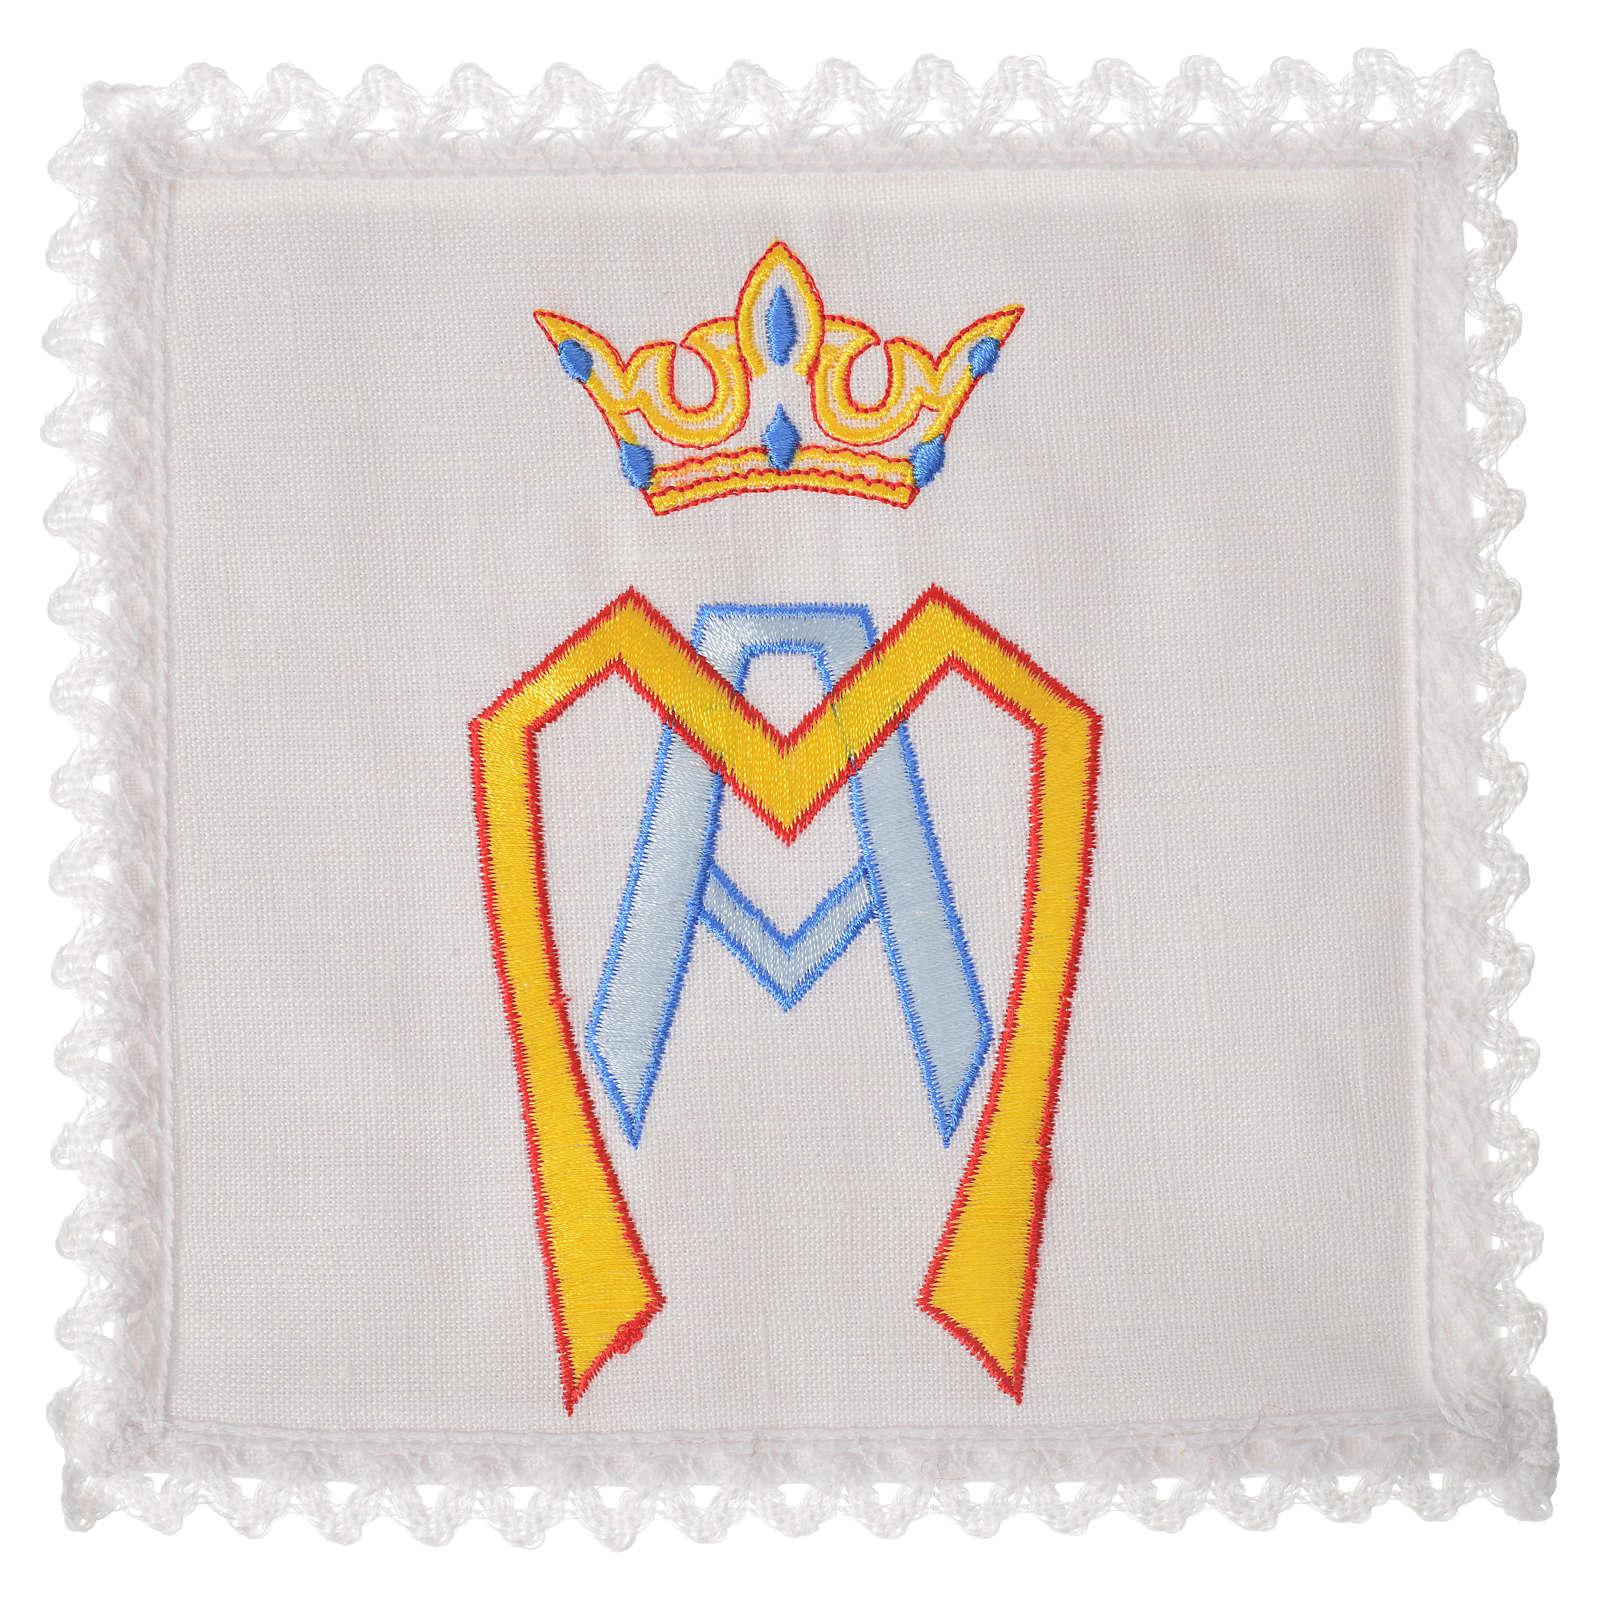 Servizio da mensa 100% lino simbolo mariano stilizzato 4